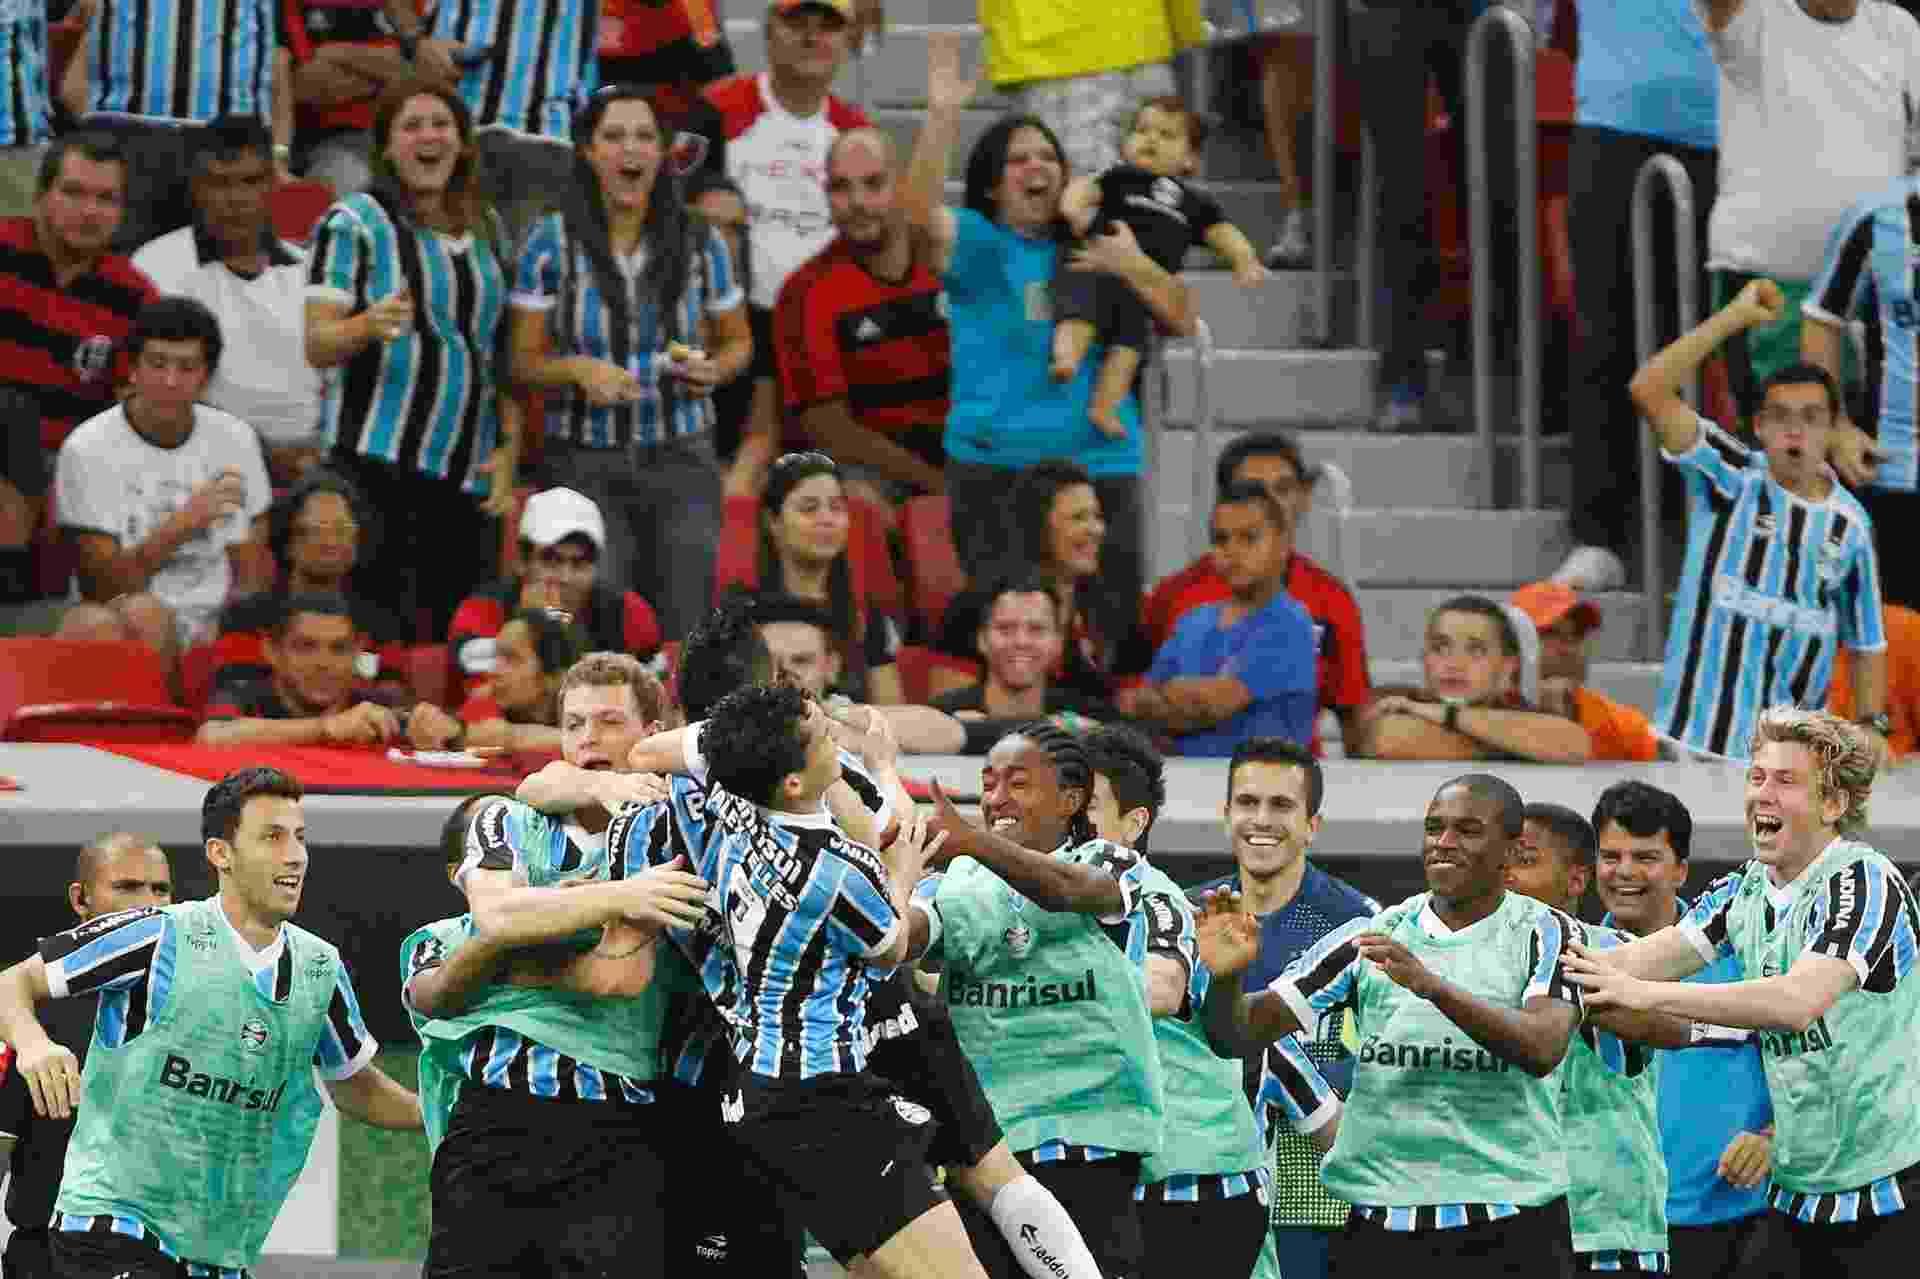 24.08.13 - Jogadores do Grêmio comemoram gol de Pará contra o Flamengo pelo Brasileirão - Adalberto Marques/AGIF